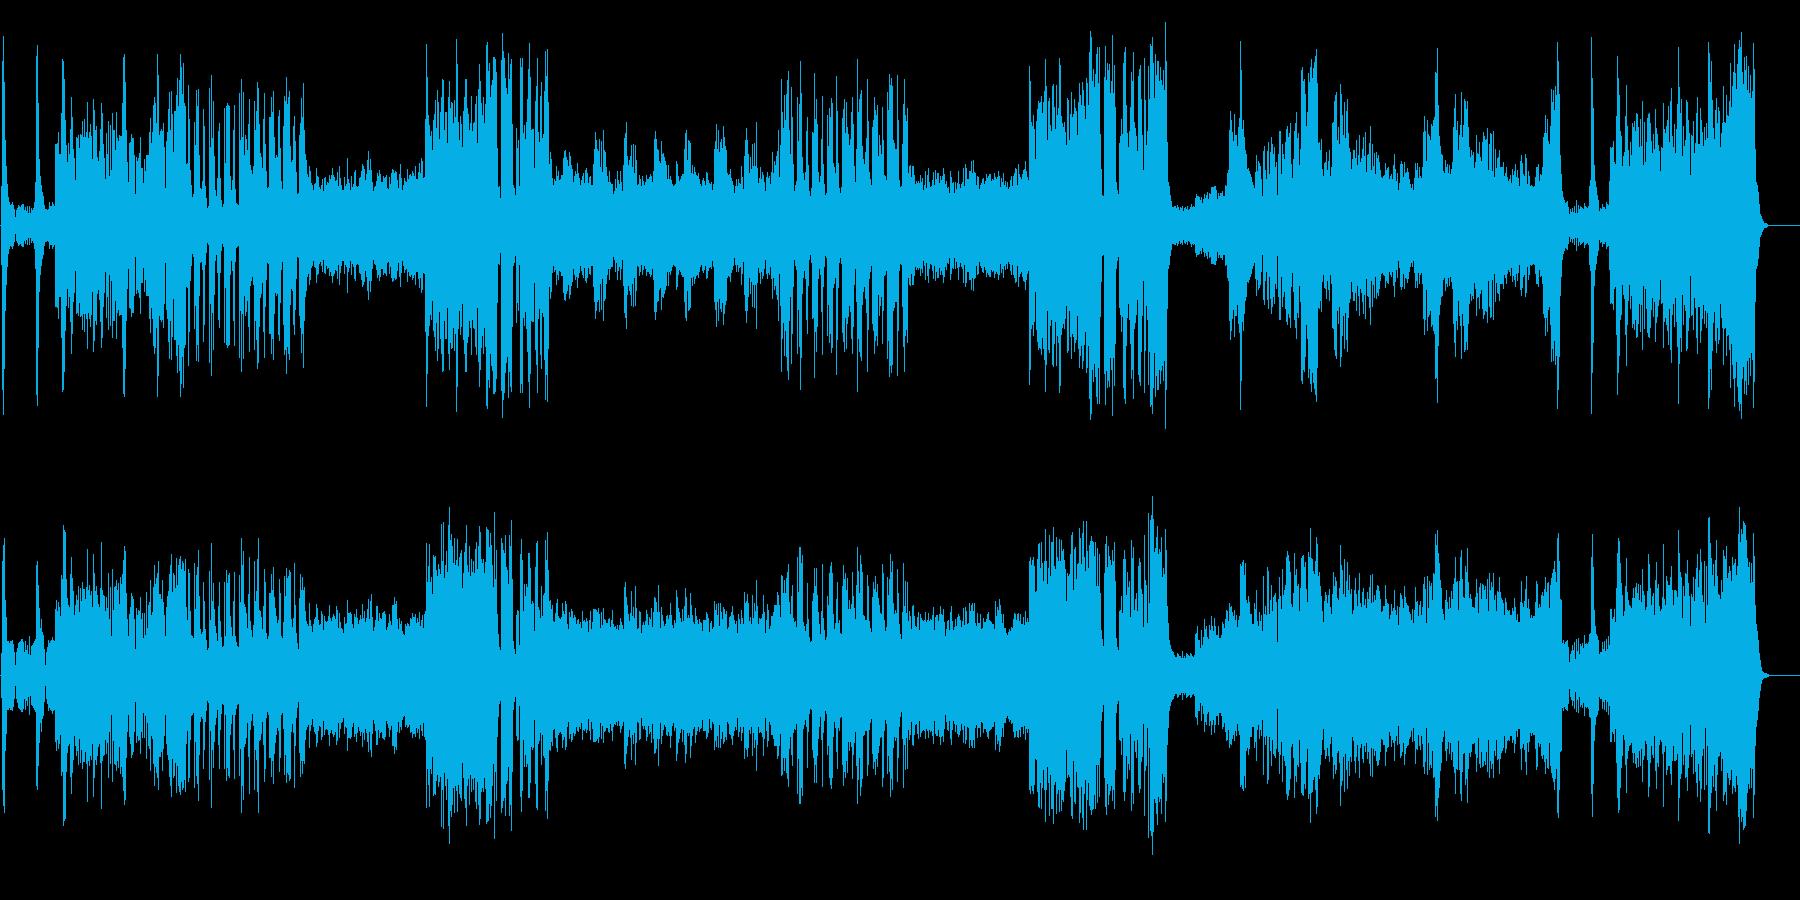 映画音楽風(ワイド・スケール!)の再生済みの波形